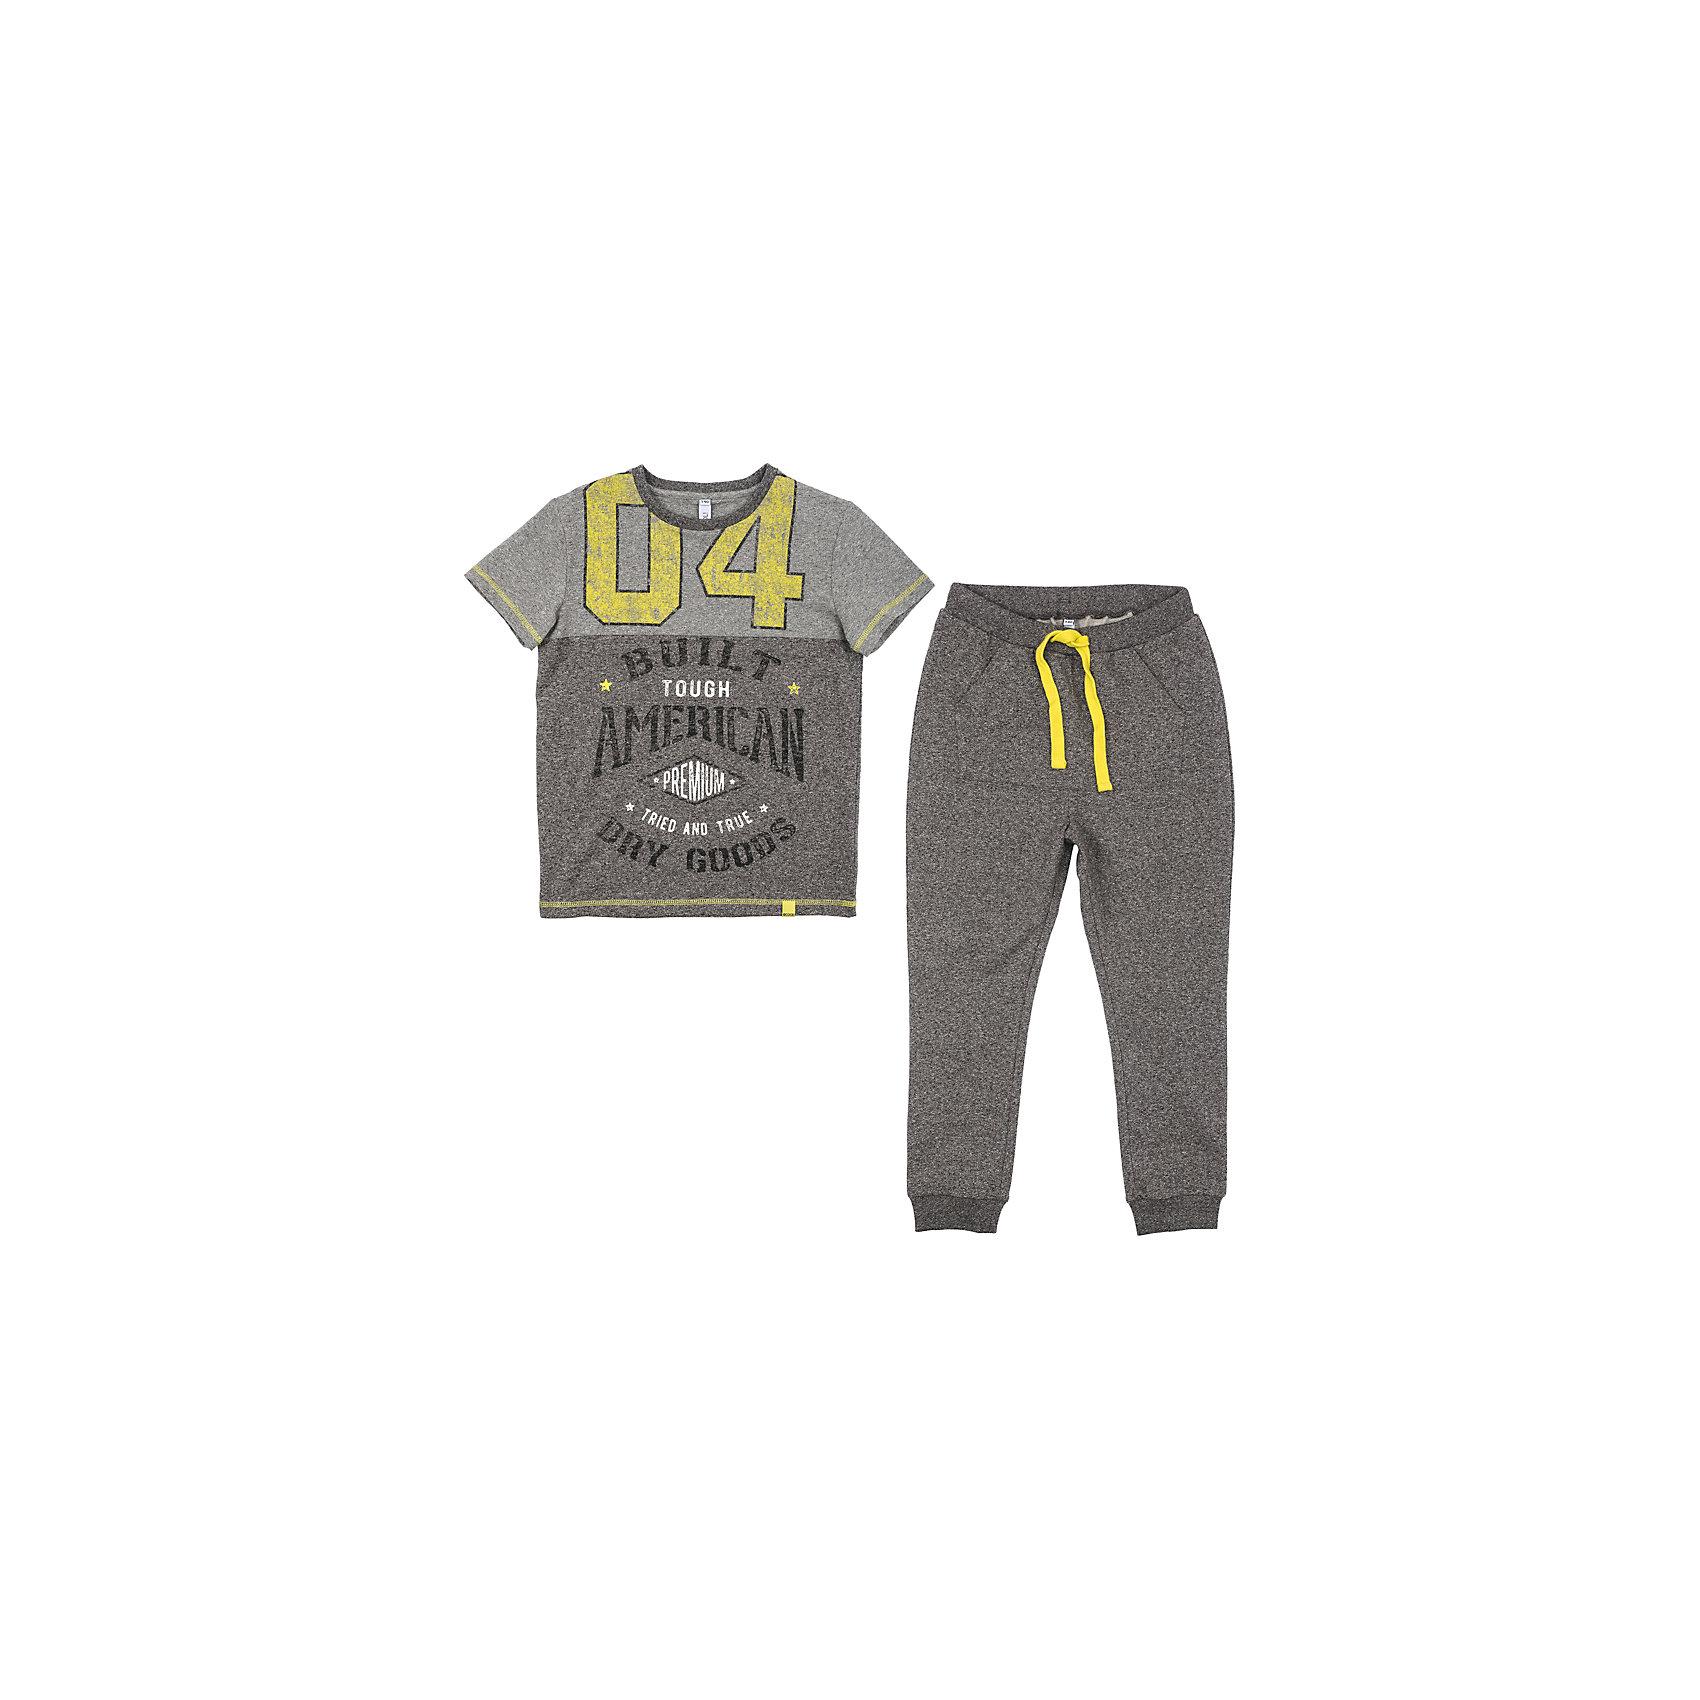 Комплект для мальчика ScoolКомплекты<br>Комплект для мальчика Scool<br>Комплект из футболки и брюк прекрасно подойдет для домашнего использования. Мягкий, приятный к телу, материал не сковывает движений. Яркий стильный принт является достойным украшением данного изделия. Брюки  на мягкой удобной резинке, со шнуром - кулиской на поясе.Преимущества: Свободный классический крой не сковывает движения ребенкаПодходит в качестве базовой вещи для повседневного гардероба<br>Состав:<br>95% хлопок, 5% эластан<br><br>Ширина мм: 215<br>Глубина мм: 88<br>Высота мм: 191<br>Вес г: 336<br>Цвет: разноцветный<br>Возраст от месяцев: 156<br>Возраст до месяцев: 168<br>Пол: Мужской<br>Возраст: Детский<br>Размер: 164,134,140,146,152,158<br>SKU: 5406795